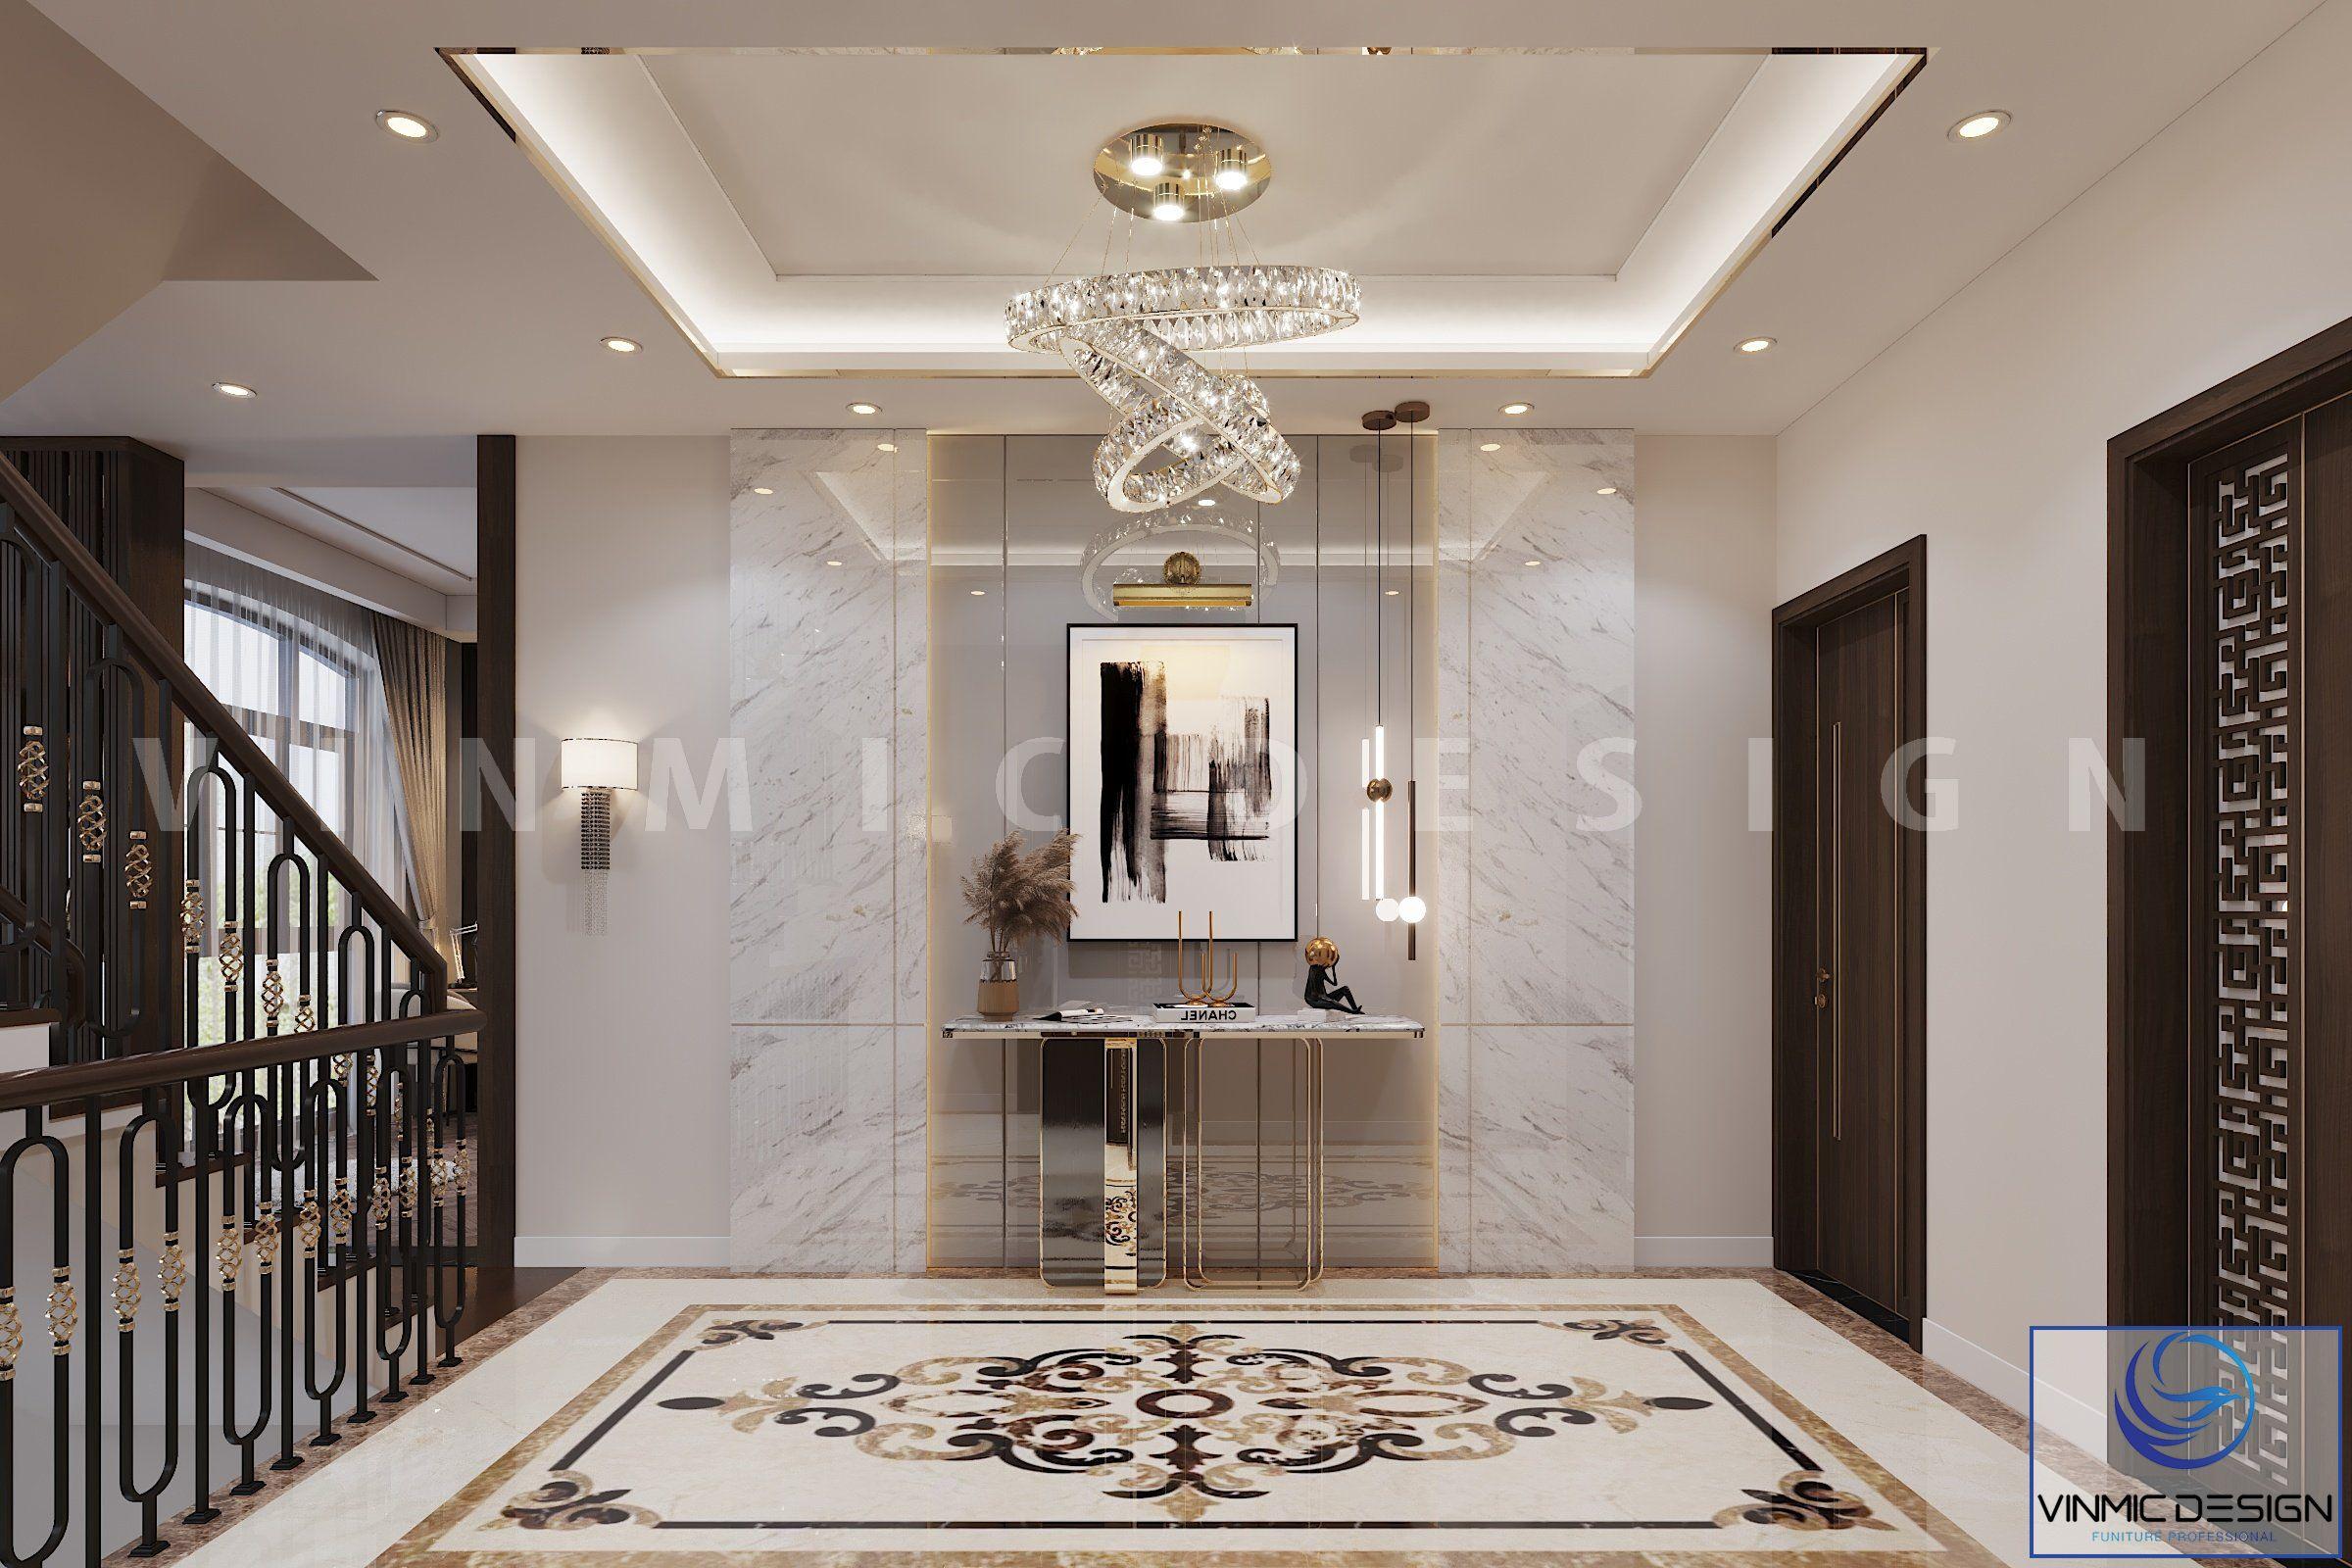 Thiết kế sảnh tầng 3 sang trọng tại biệt thự Vinhomes Imperia Hải Phòng